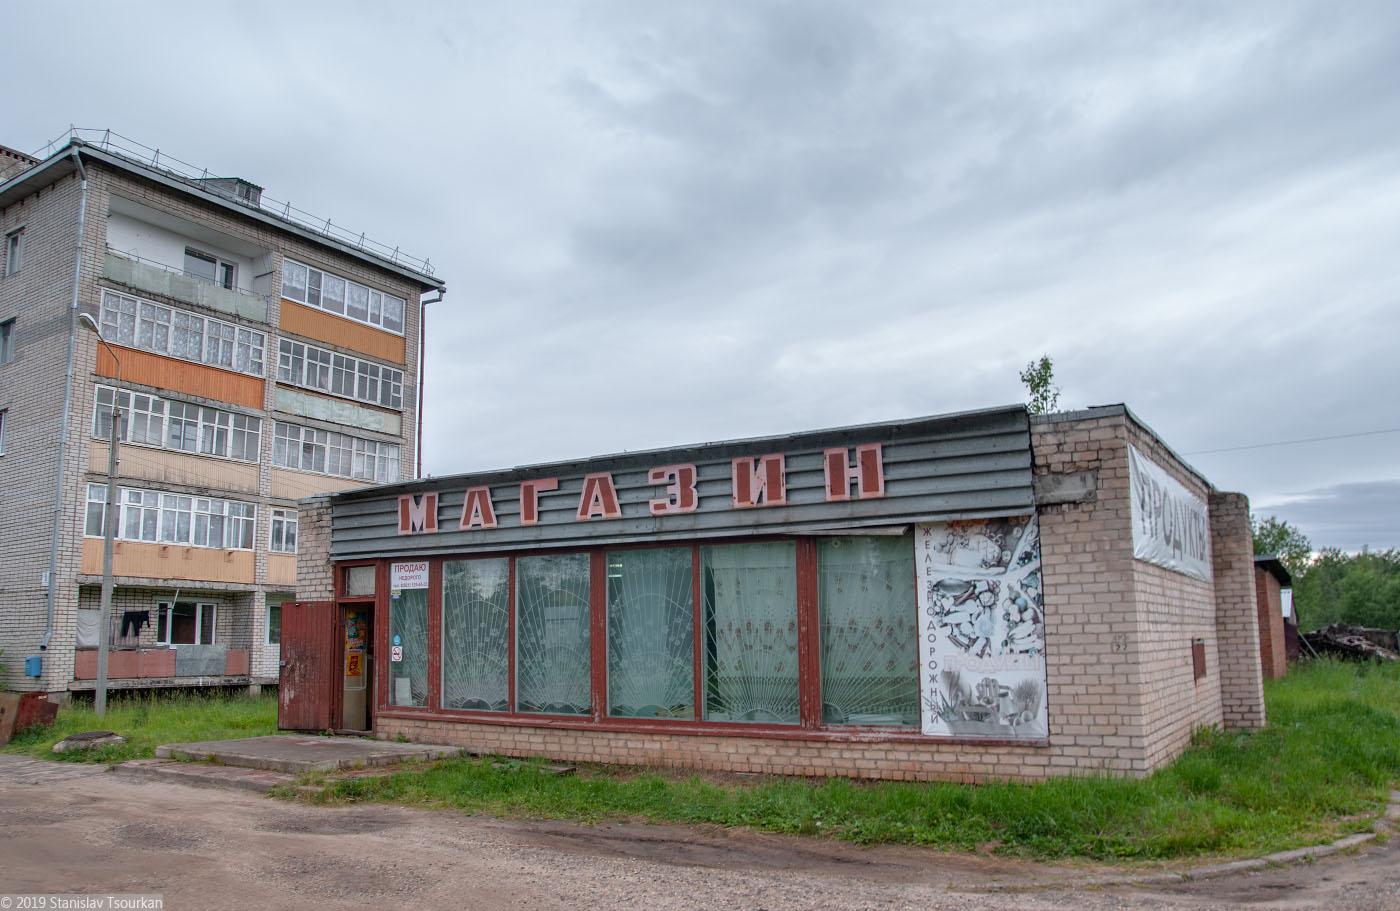 Вологодская область, Вологодчина, Великий устюг, Русский север, магазин